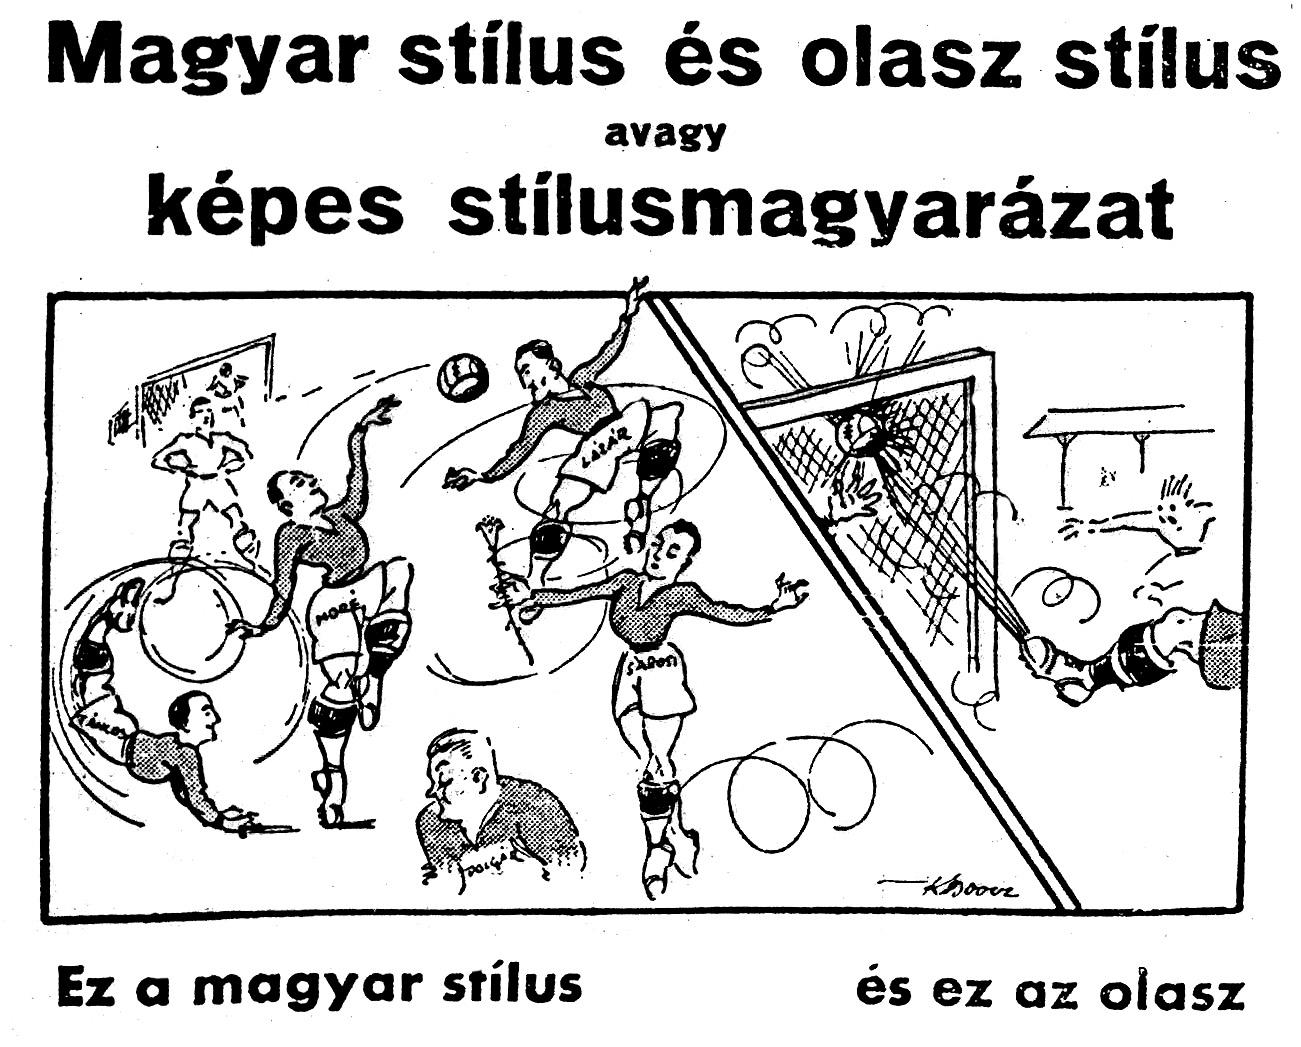 magyar-olasz_stilus_ns_34_7_26_8_o.jpg